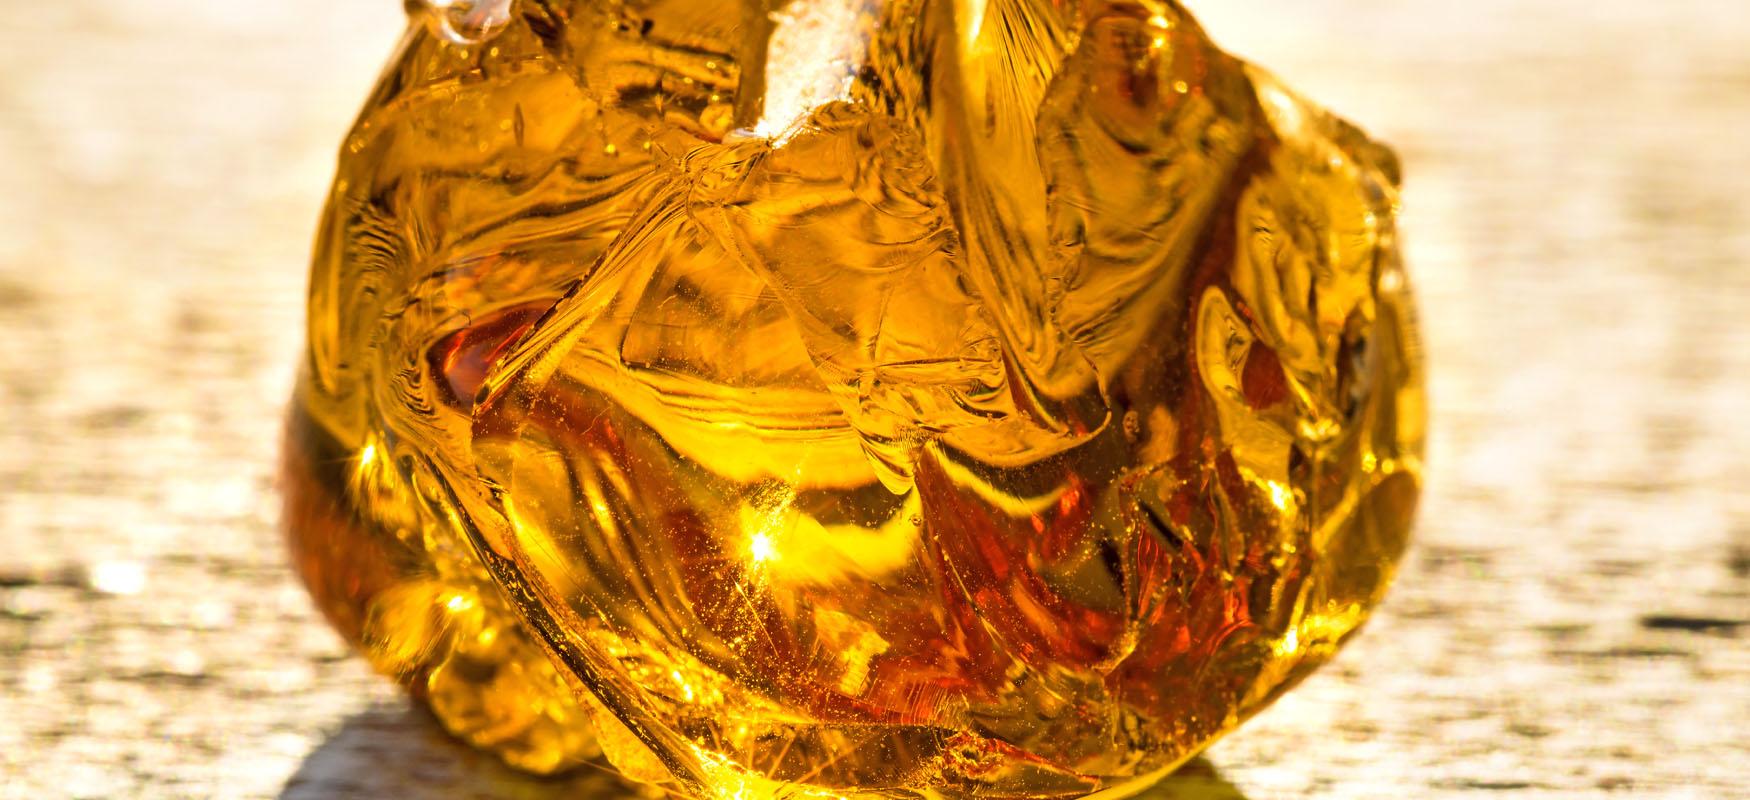 Redermalizacja – odmładzanie kwasem bursztynowym